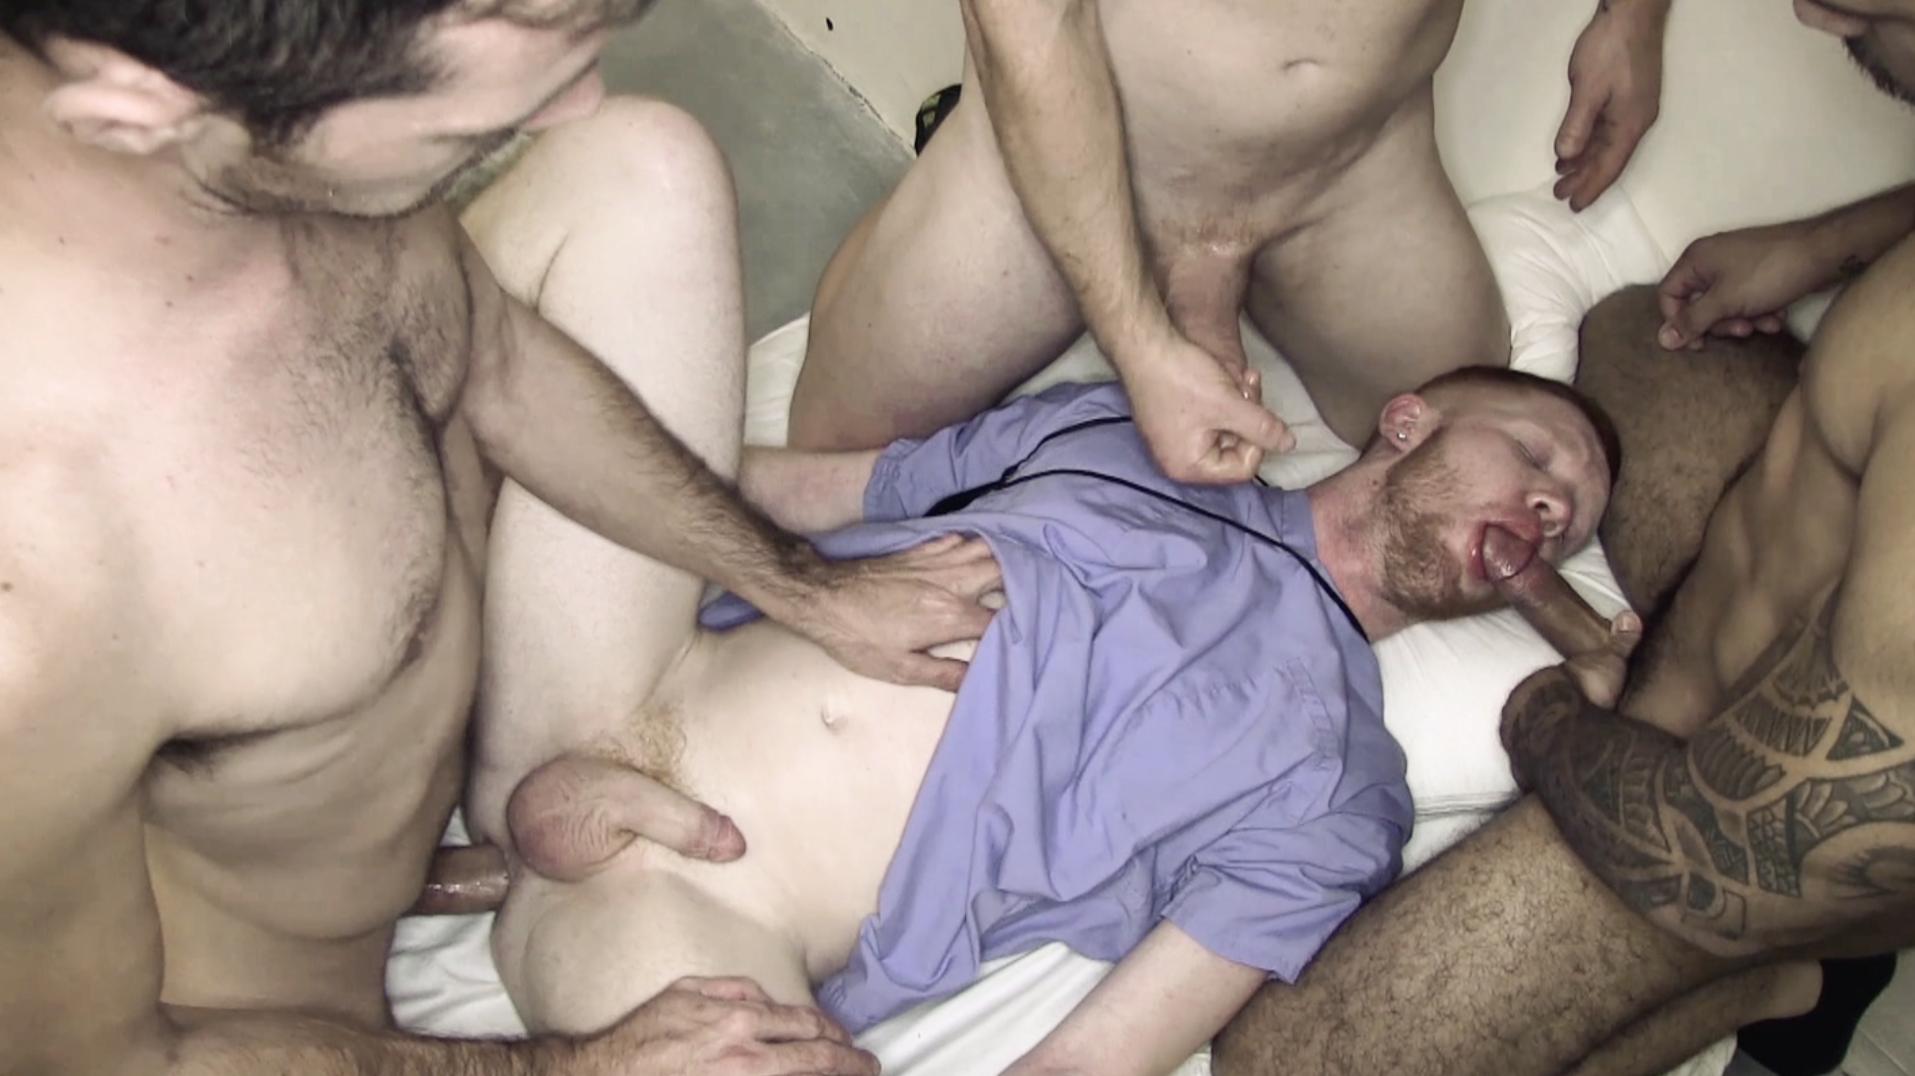 gay boys hotmails